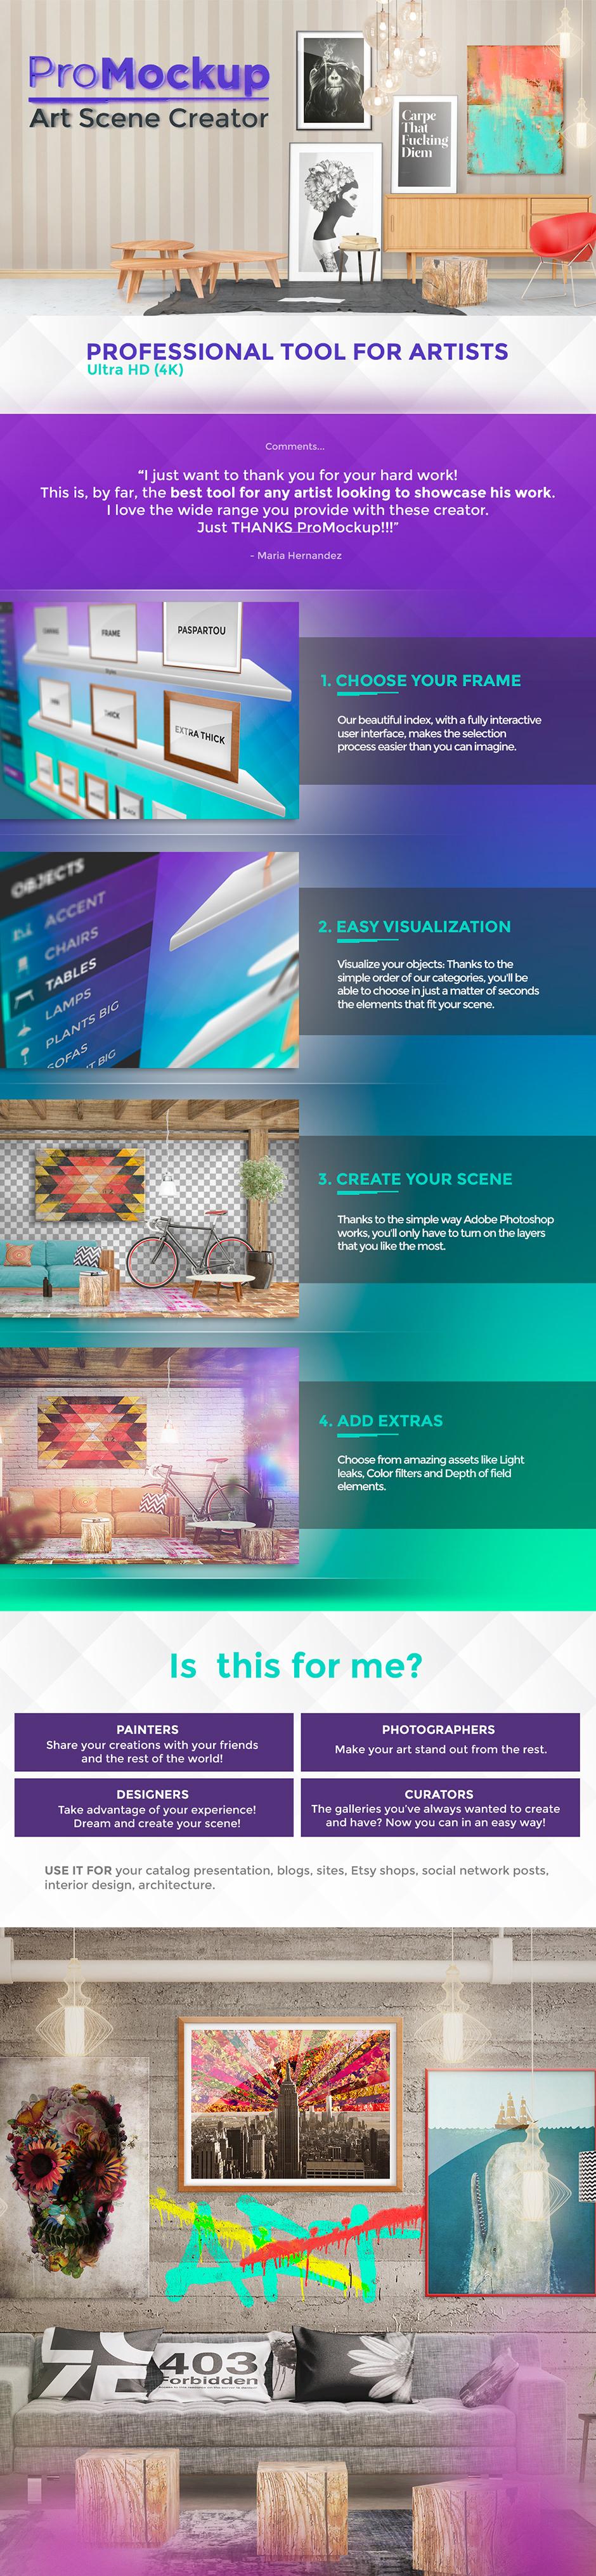 Pro Mockup psd for artists - Ultra HD (4K)